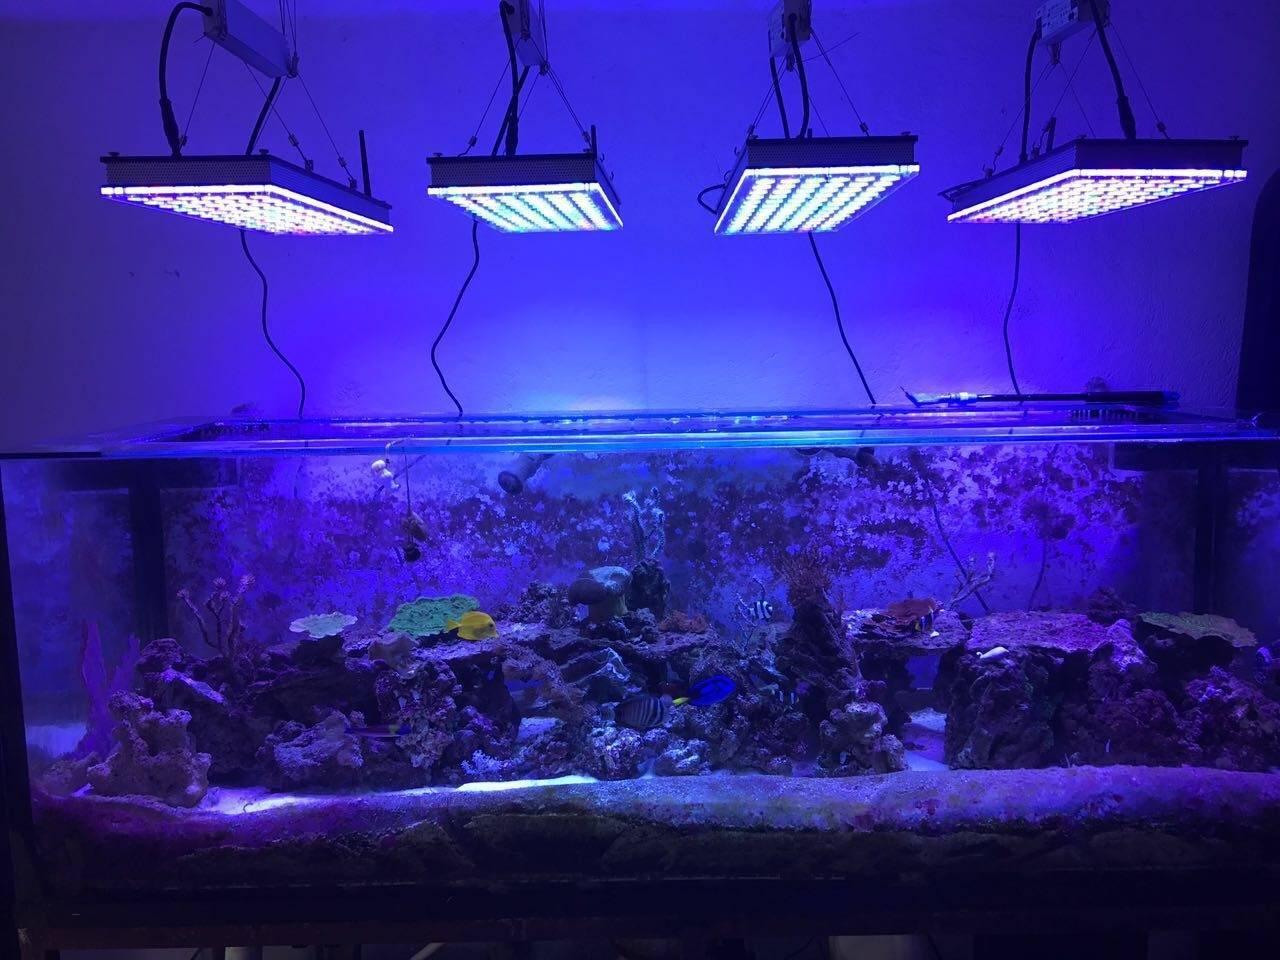 Светодиодная лента для освещения аквариума